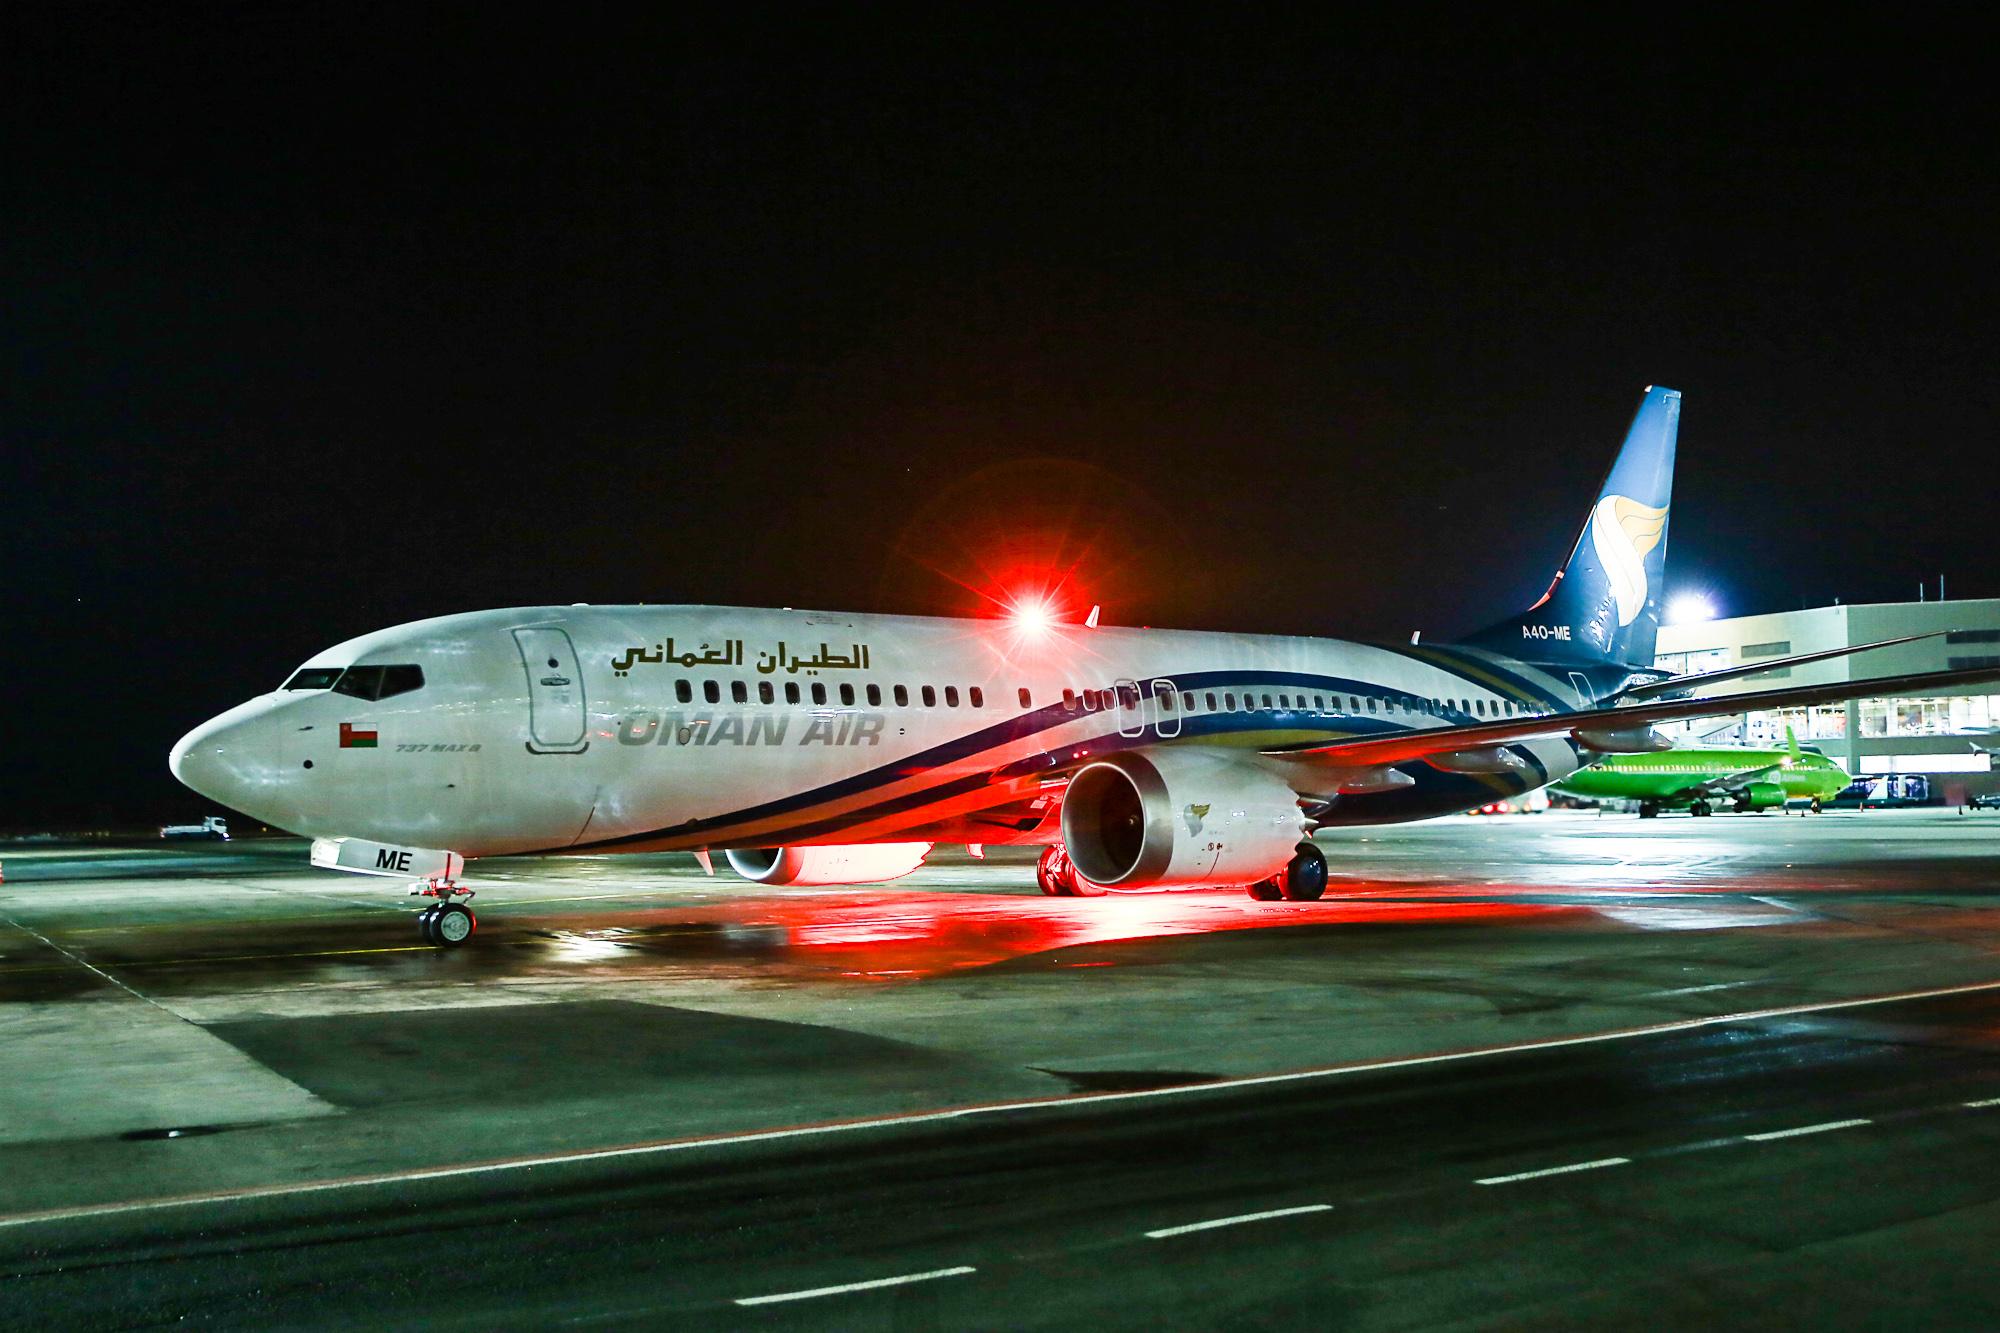 Авиалайнер Boeing 737 MAX 8 рег.номер A40-ME авиакомпании Oman Air